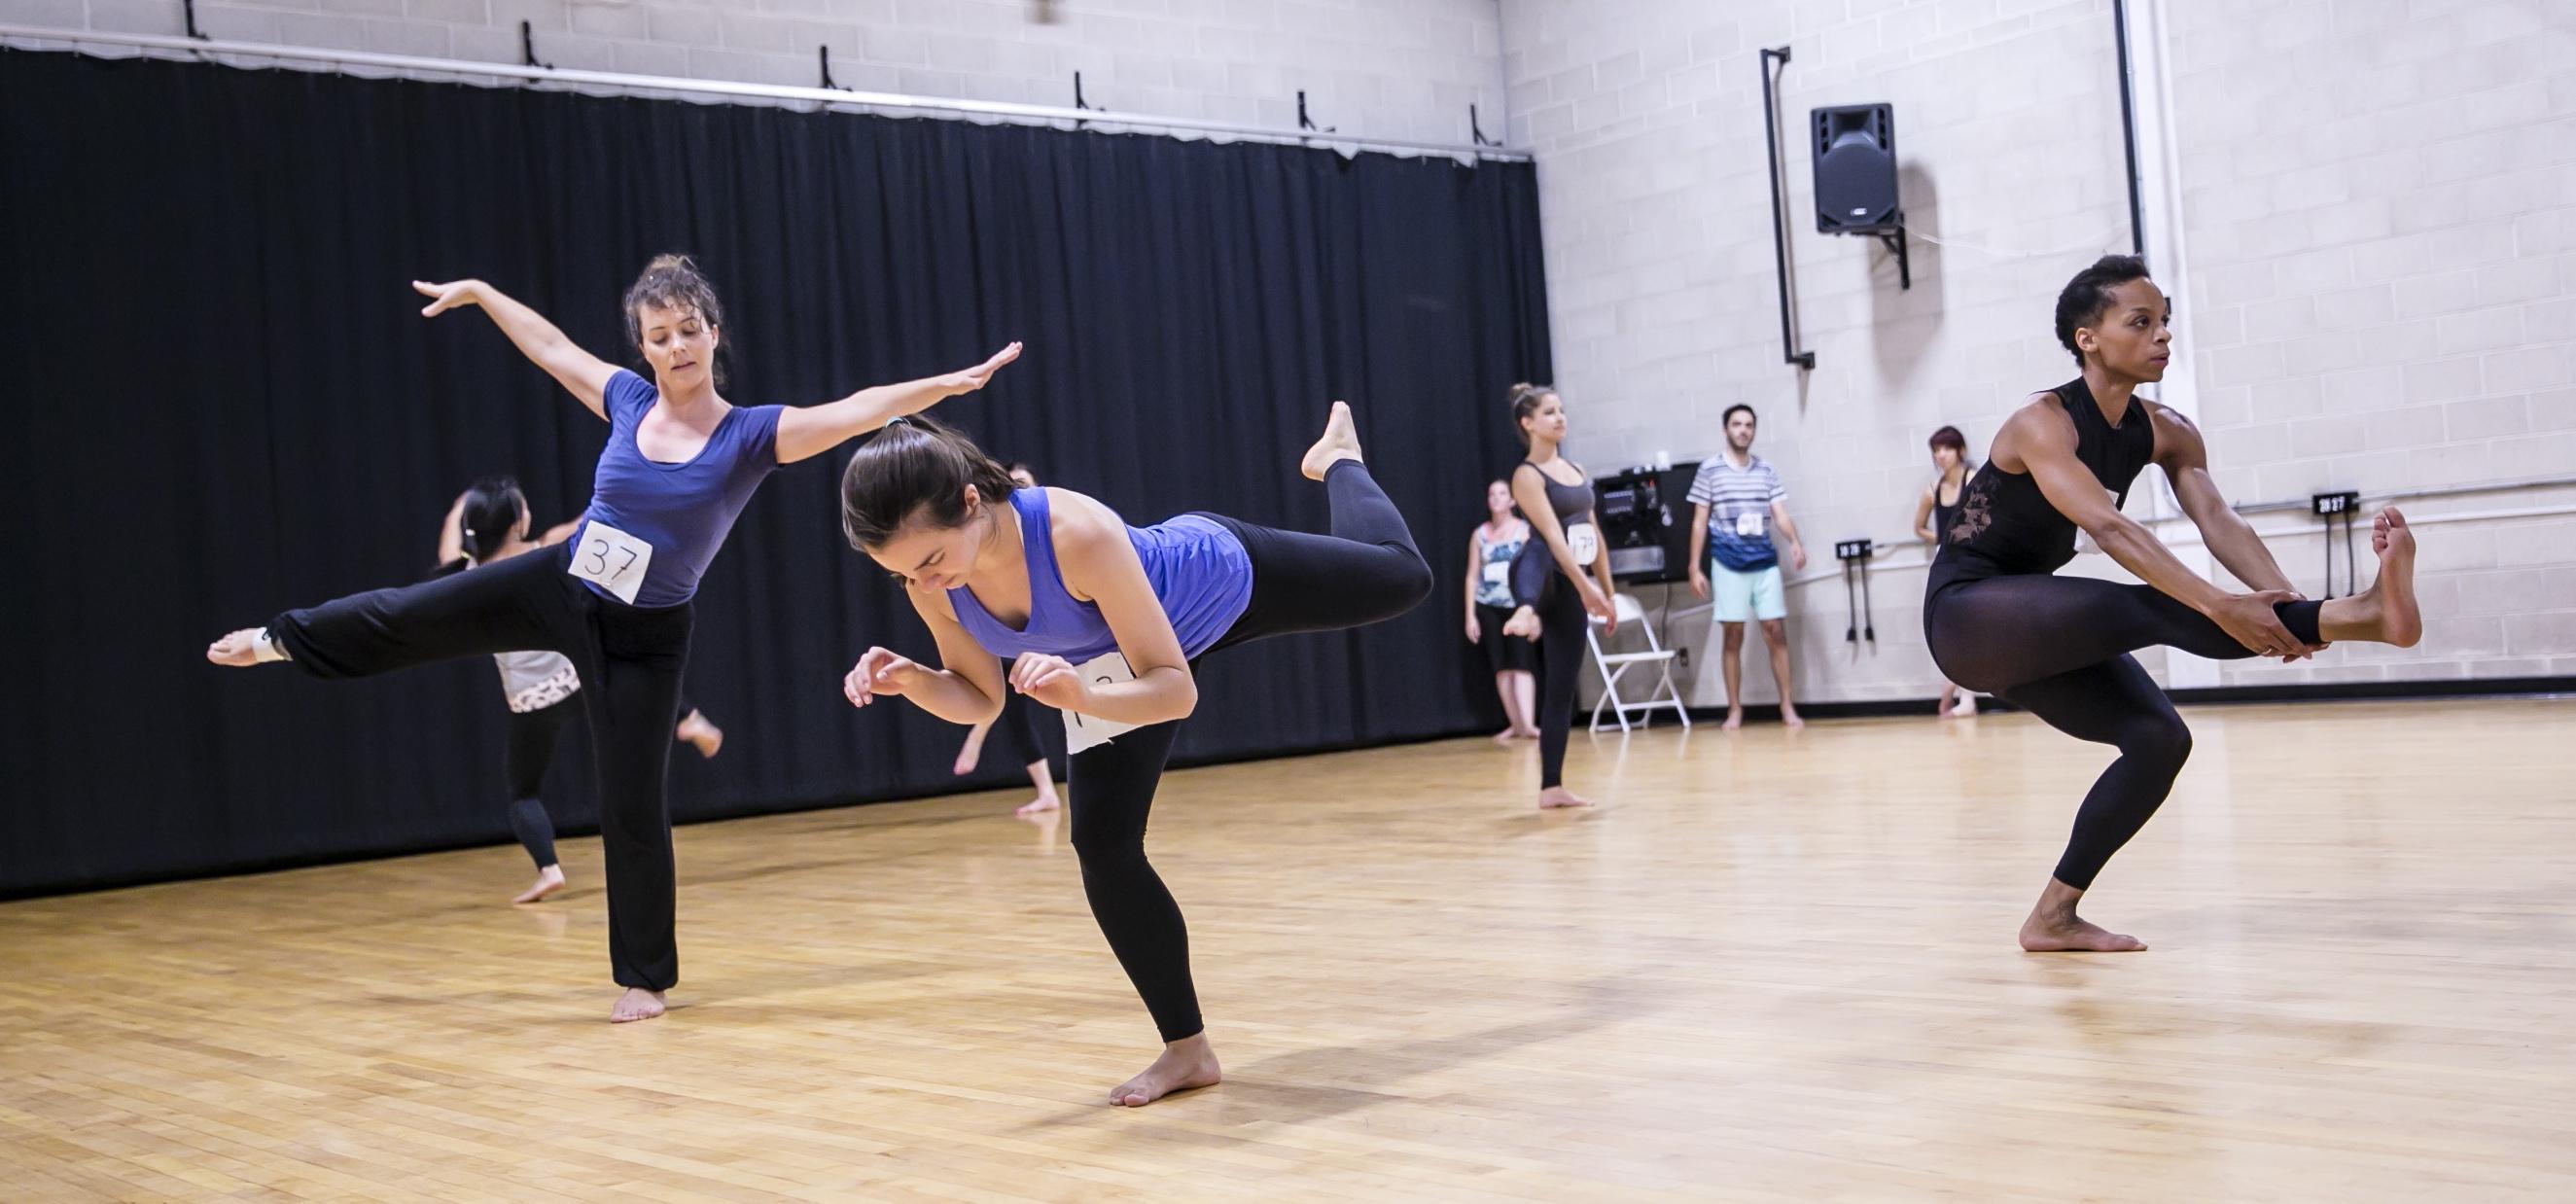 Let's Dance Boston - BDA - Boston Dance Alliance